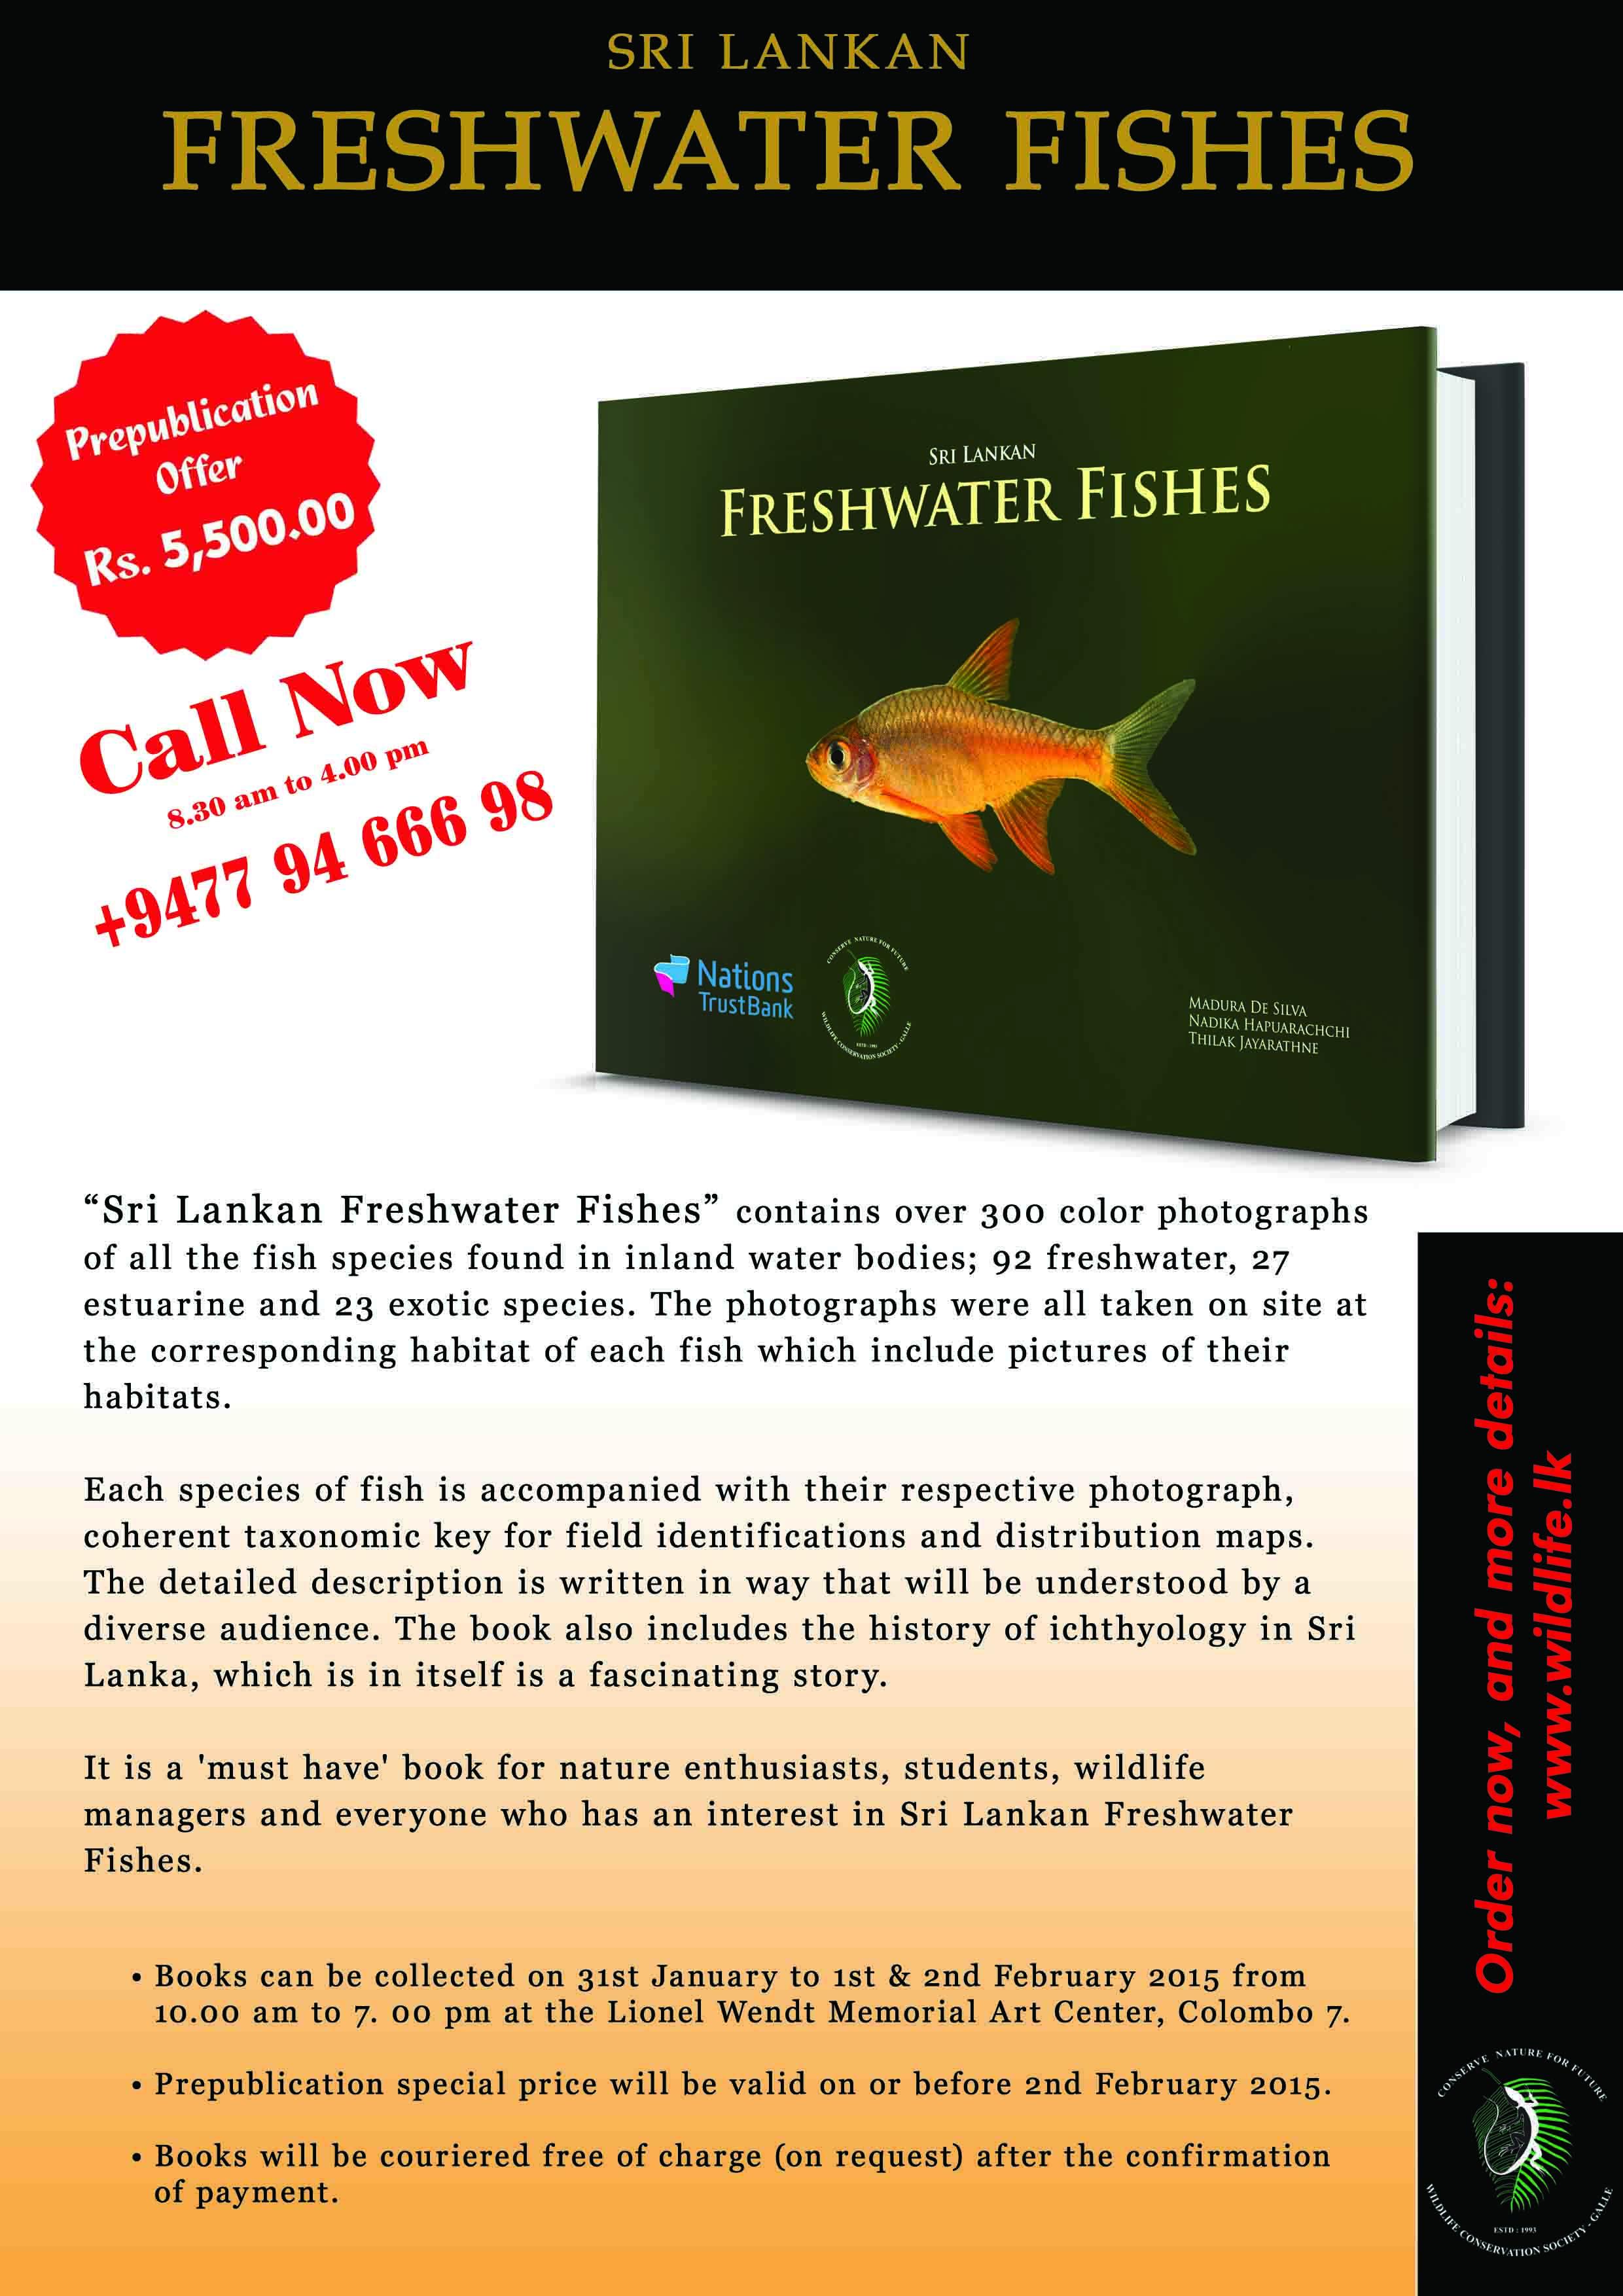 Fish aquarium in sri lanka - Fish Copy